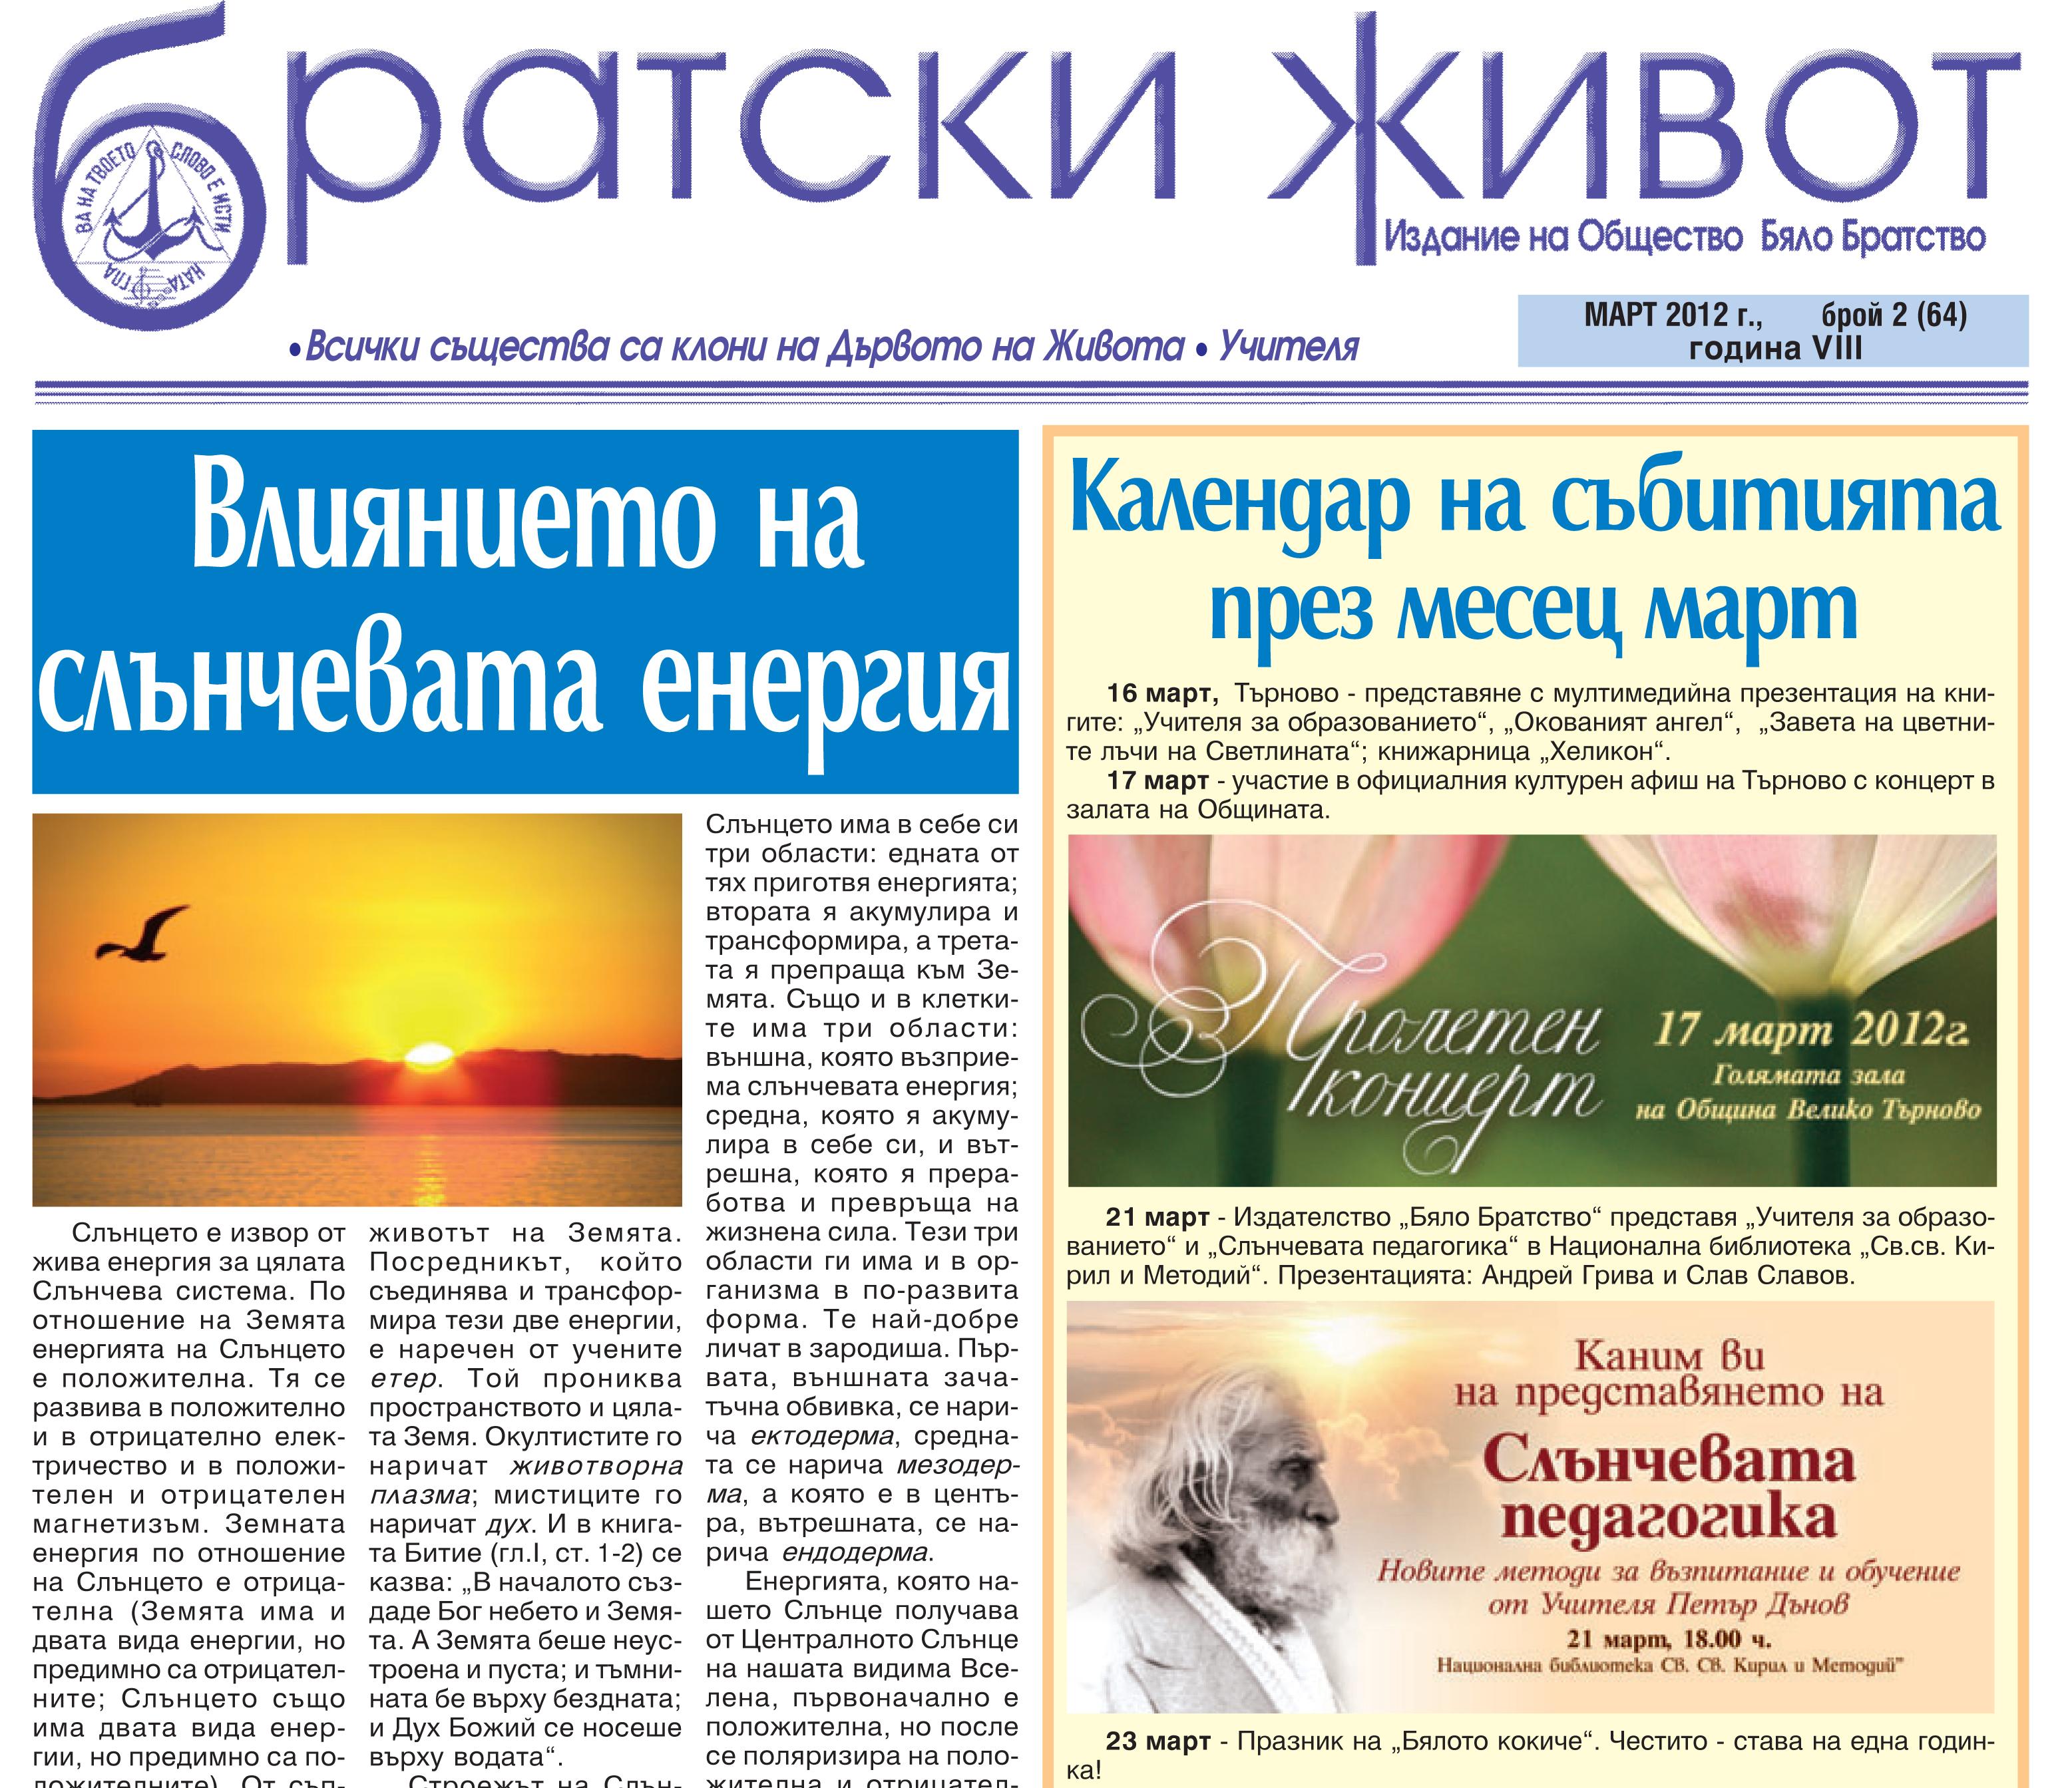 Вестник Братски живот - бр.2, март 2012